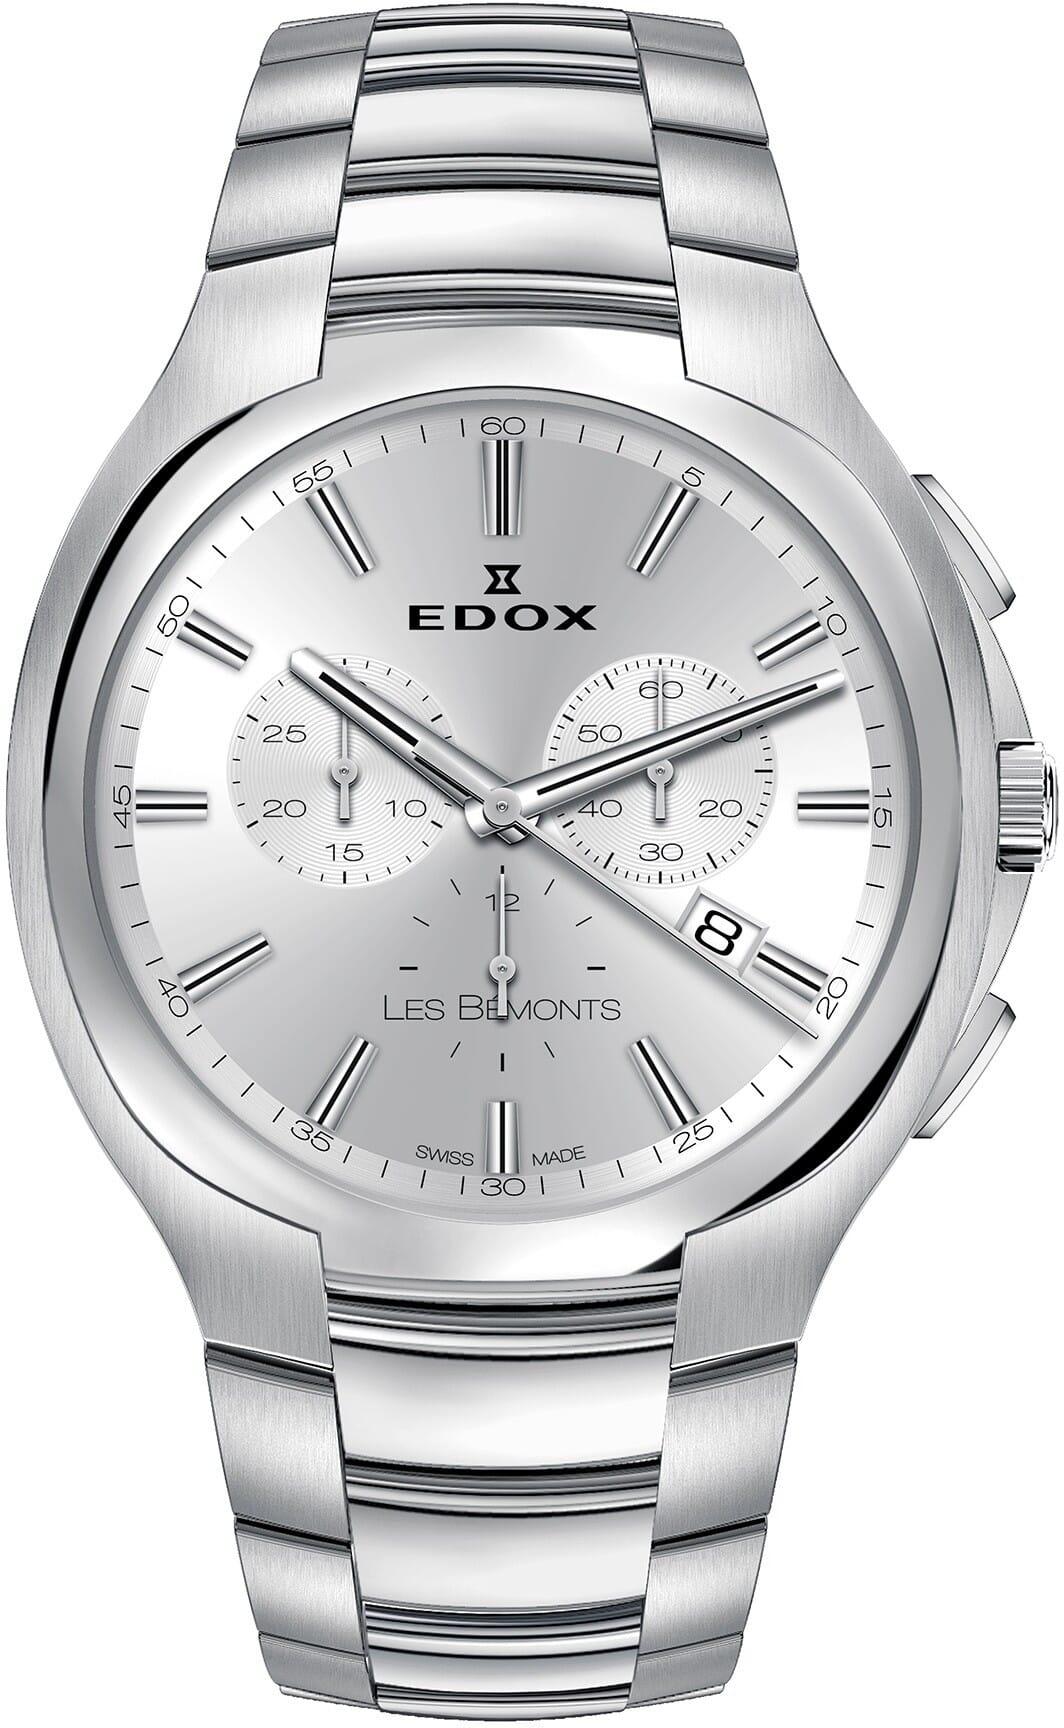 Edox 10239 3 AIN